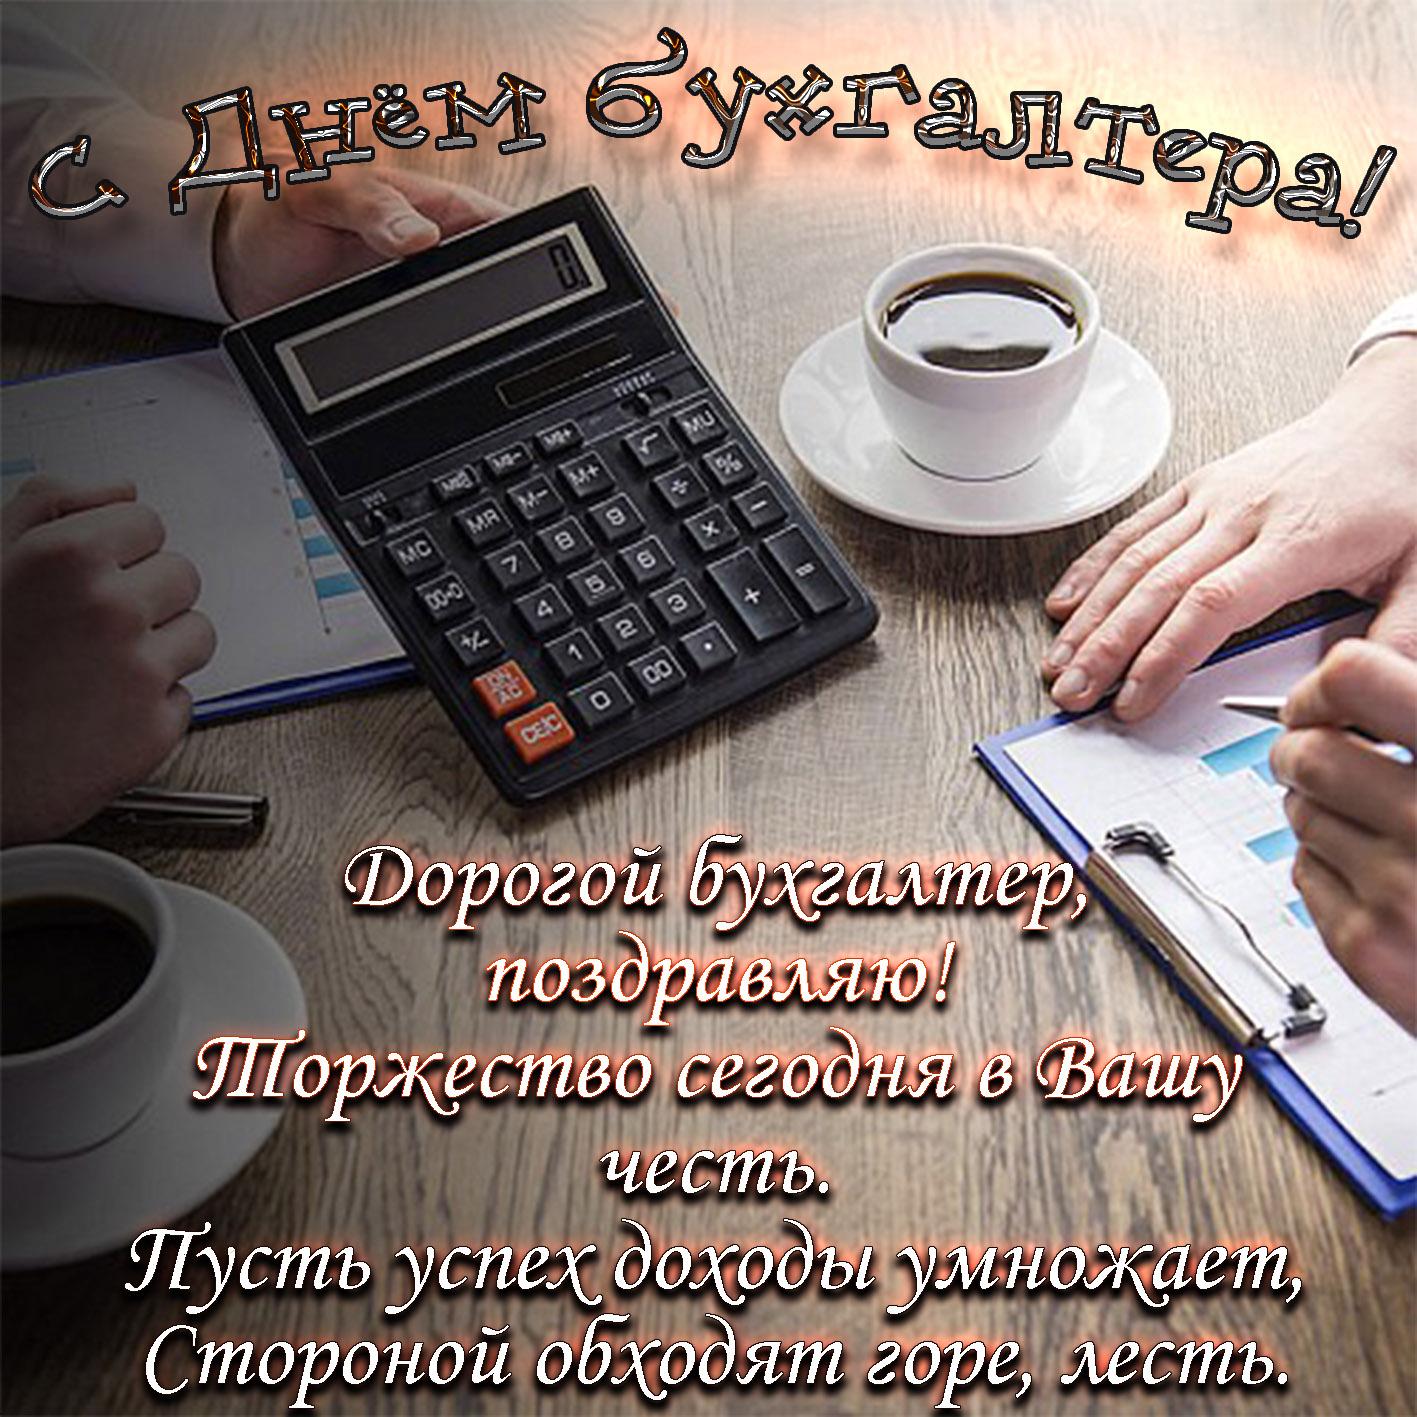 Поздравительные открытки на день главного бухгалтера